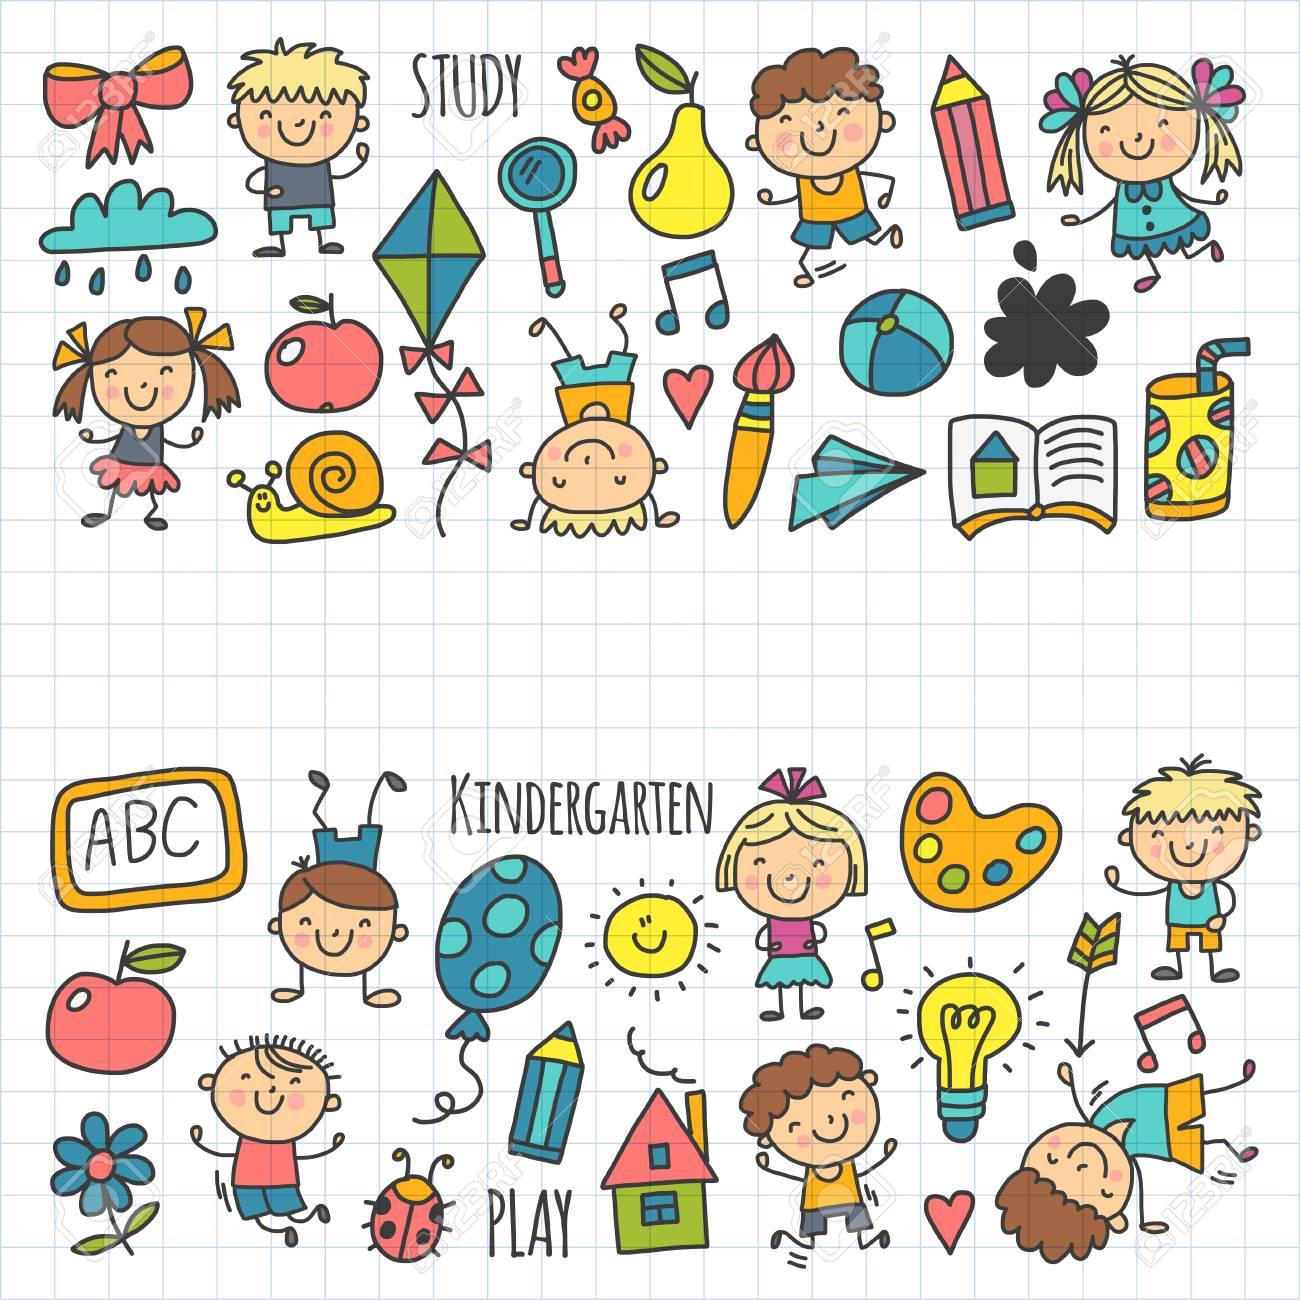 Enfants Dessin École Maternelle Enfants Heureux Jeu Illustration Pour  Enfants Enfants École Maternelle Icon avec Jeux Enfant Maternelle